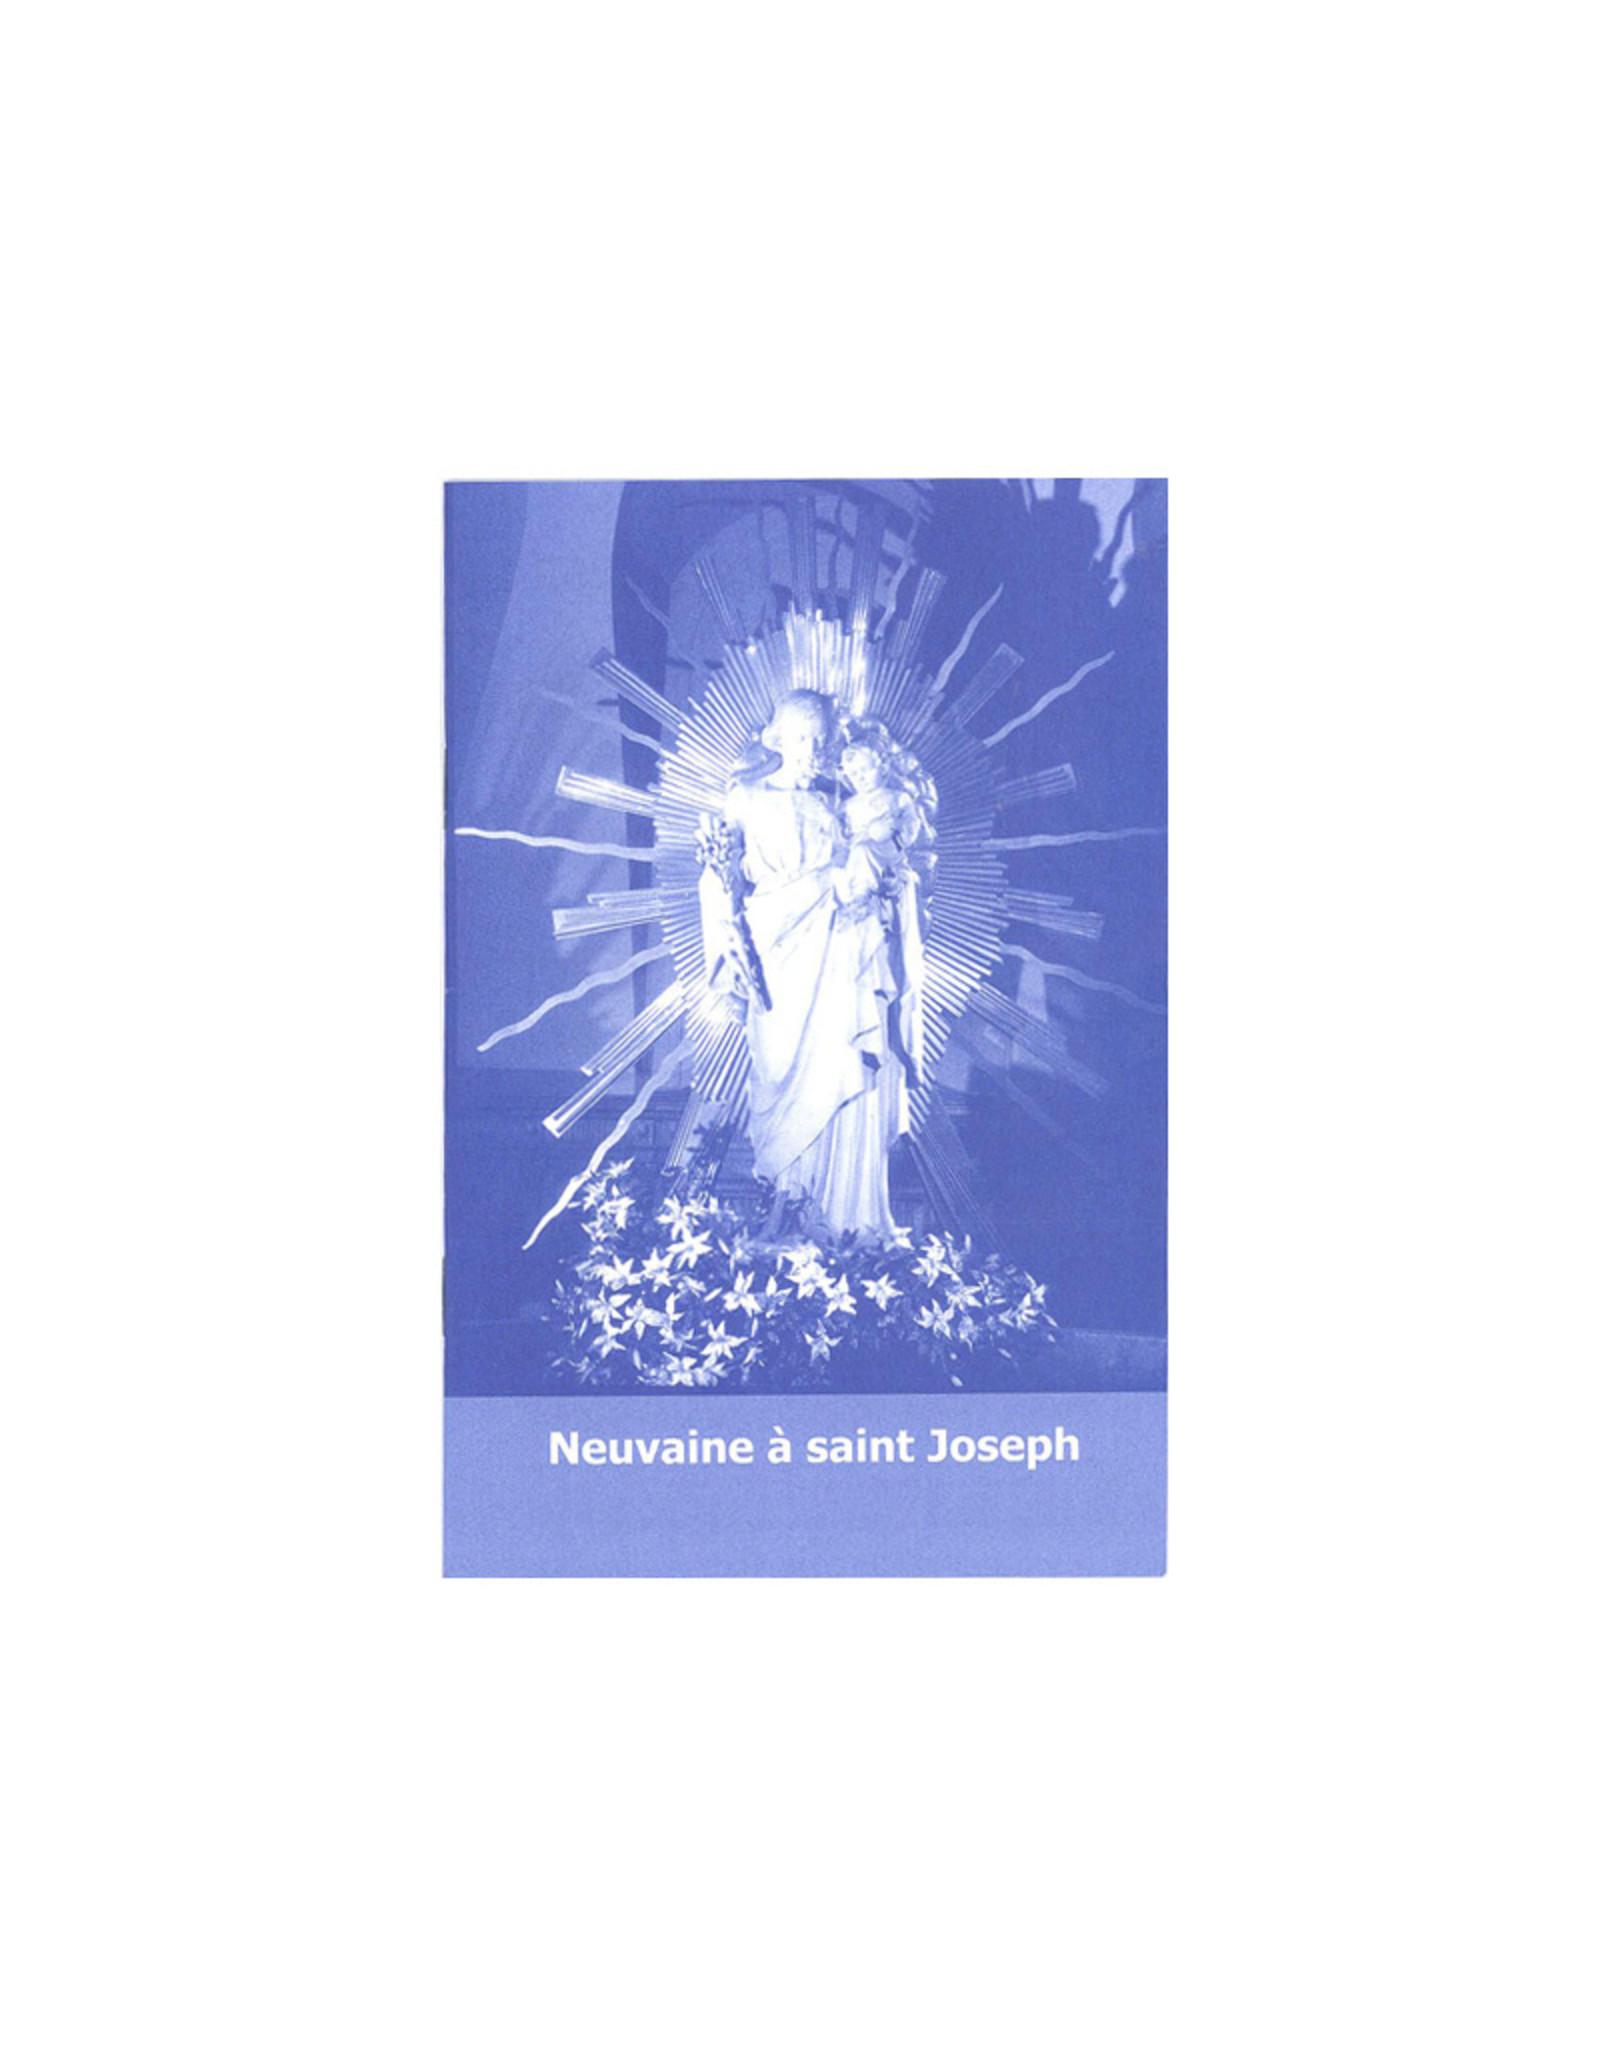 Neuvaine à Saint Joseph - New edition (french)